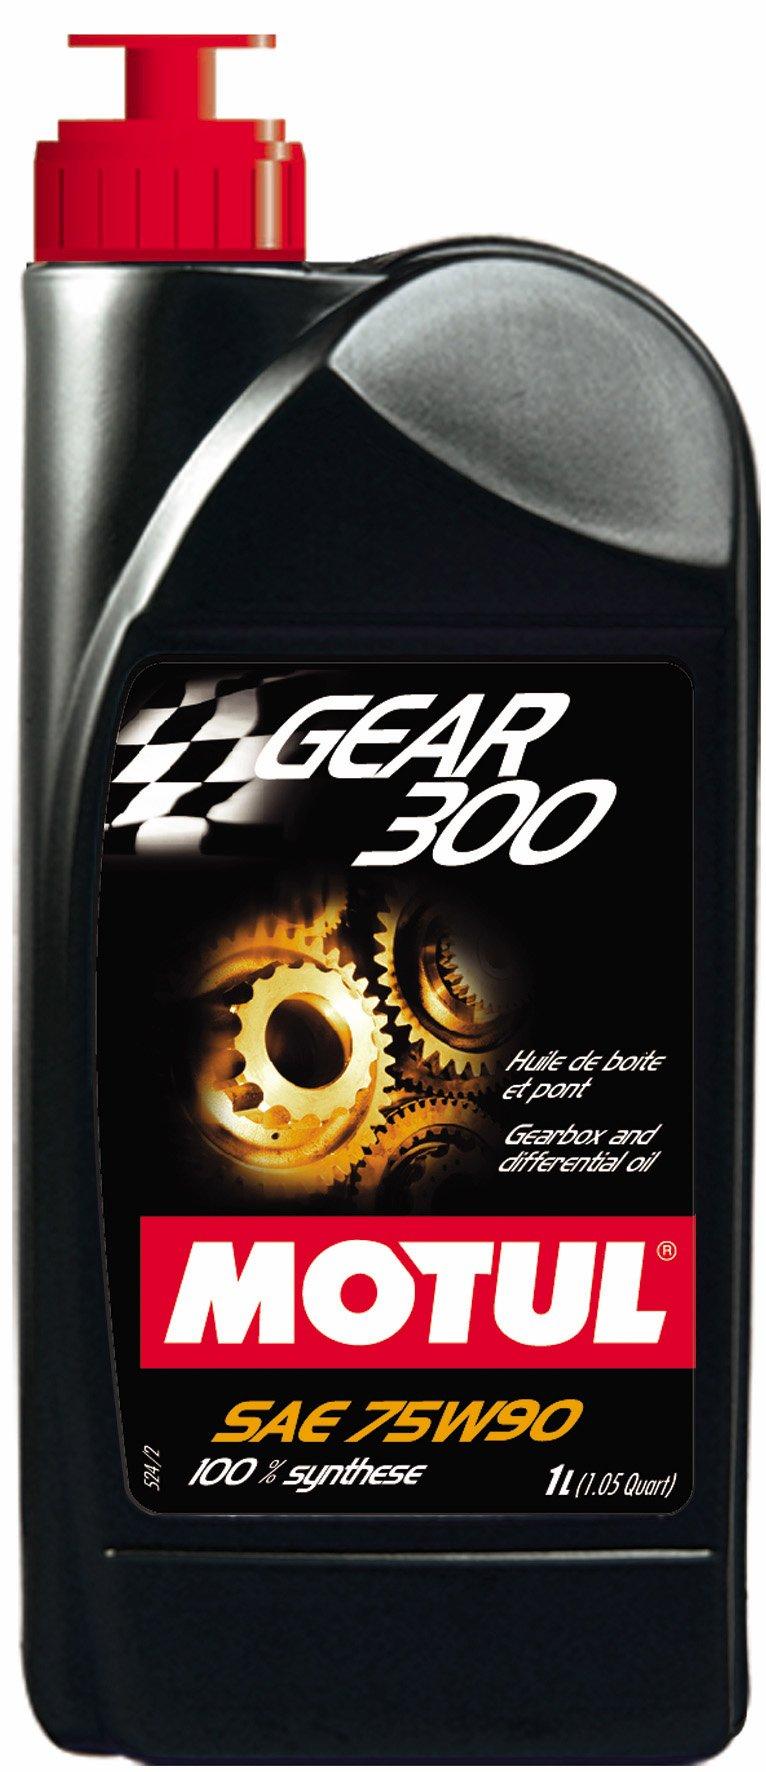 Motul Gear 300 Fully Synthetic Gearbox Oil - 75W90 1L (Pack of 6) by Motul